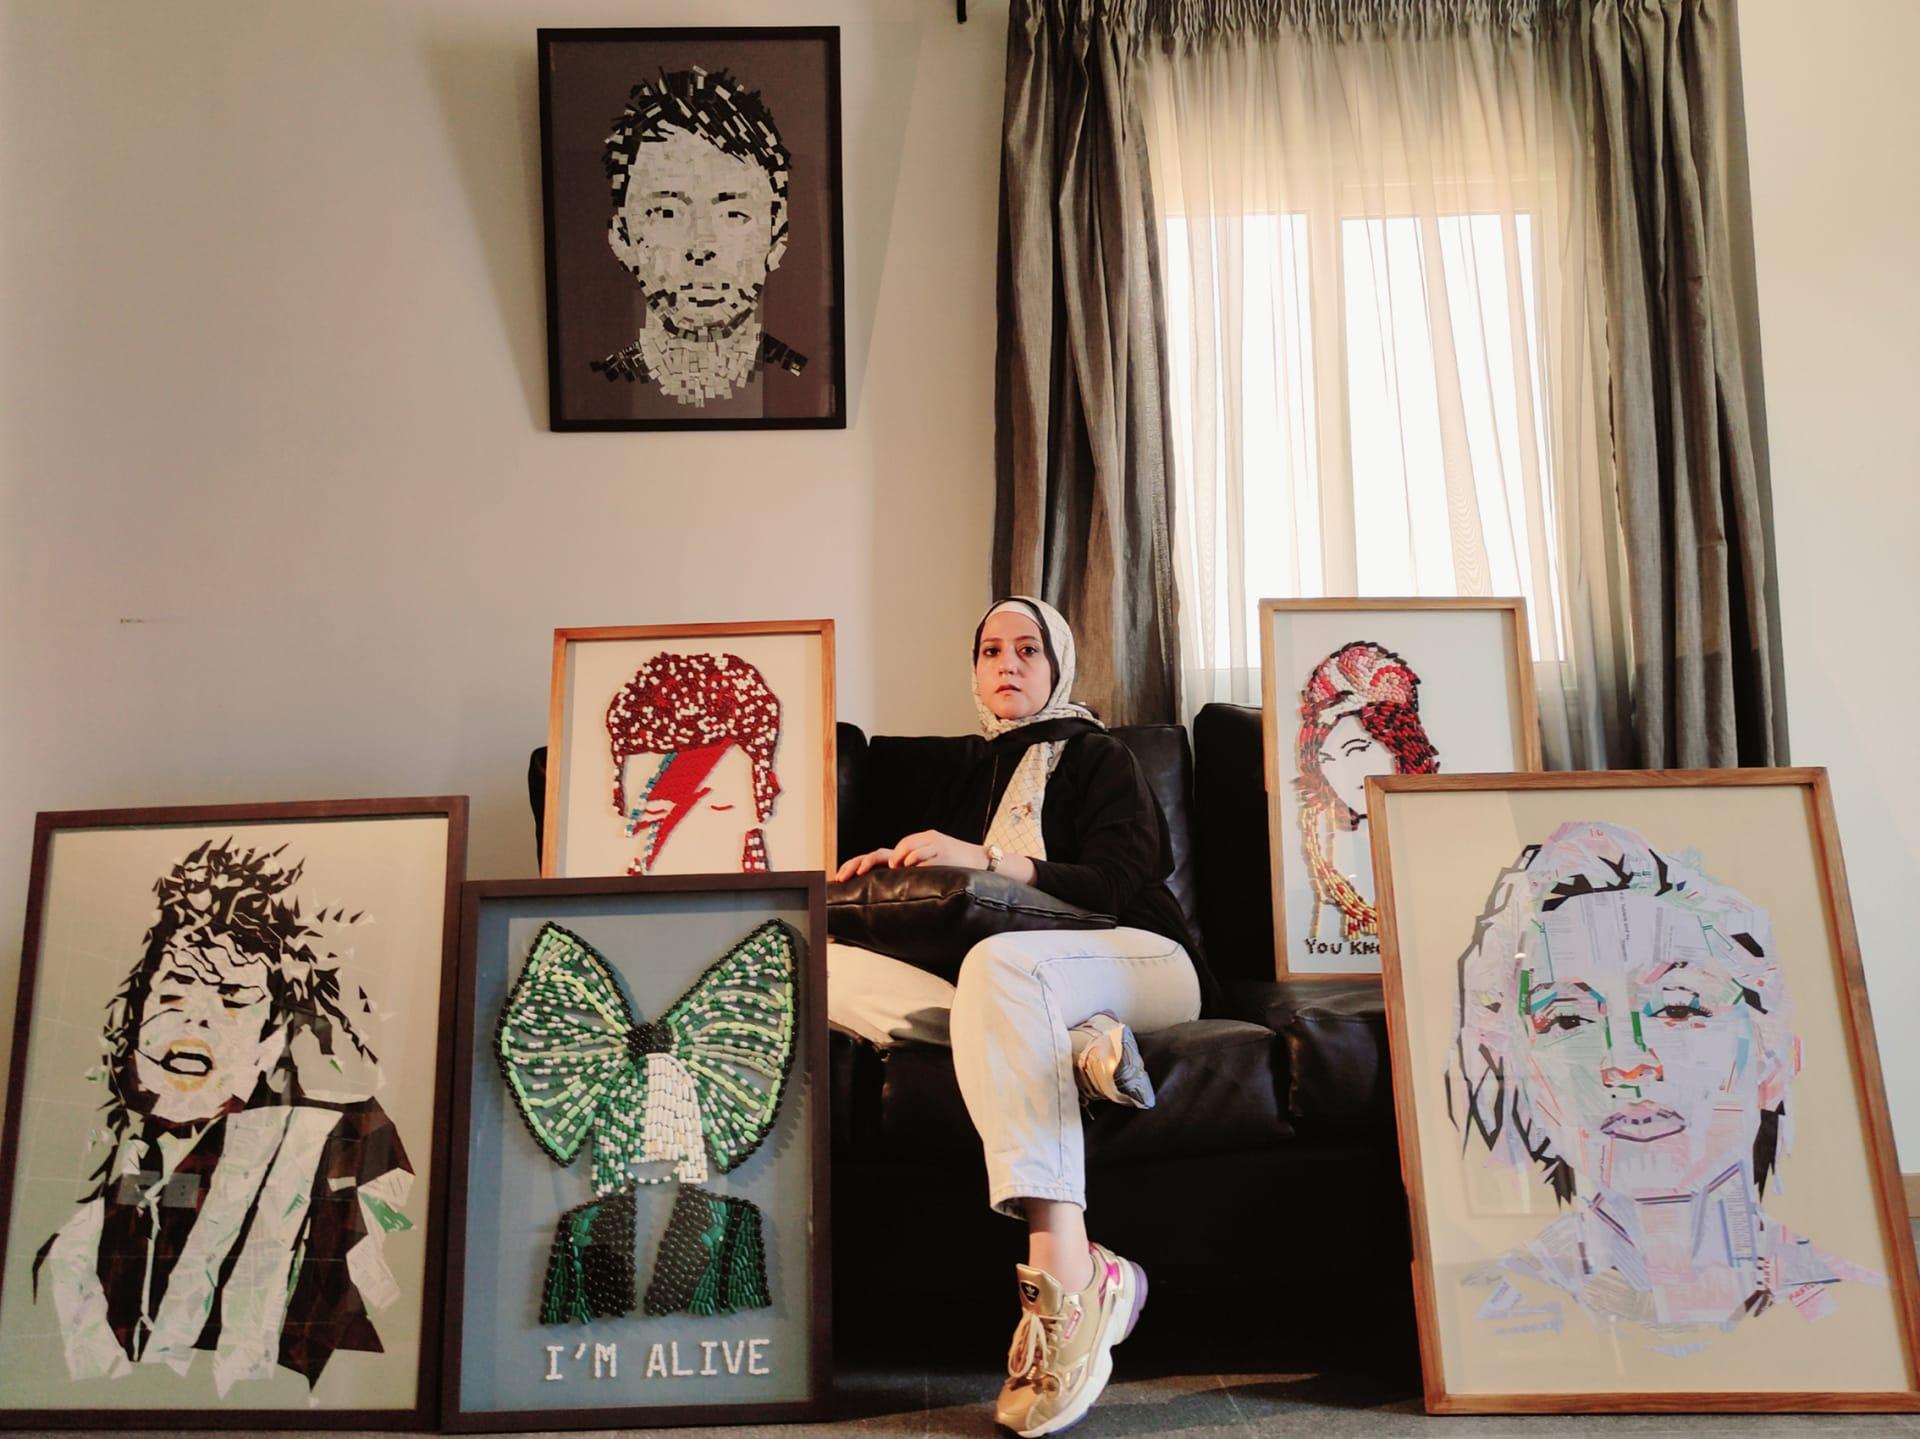 لمواجهة ألم رحيل أمها بسبب السرطان..مصرية تبدع أعمالاً فنية من أقراص علاجها منتهية الصلاحية